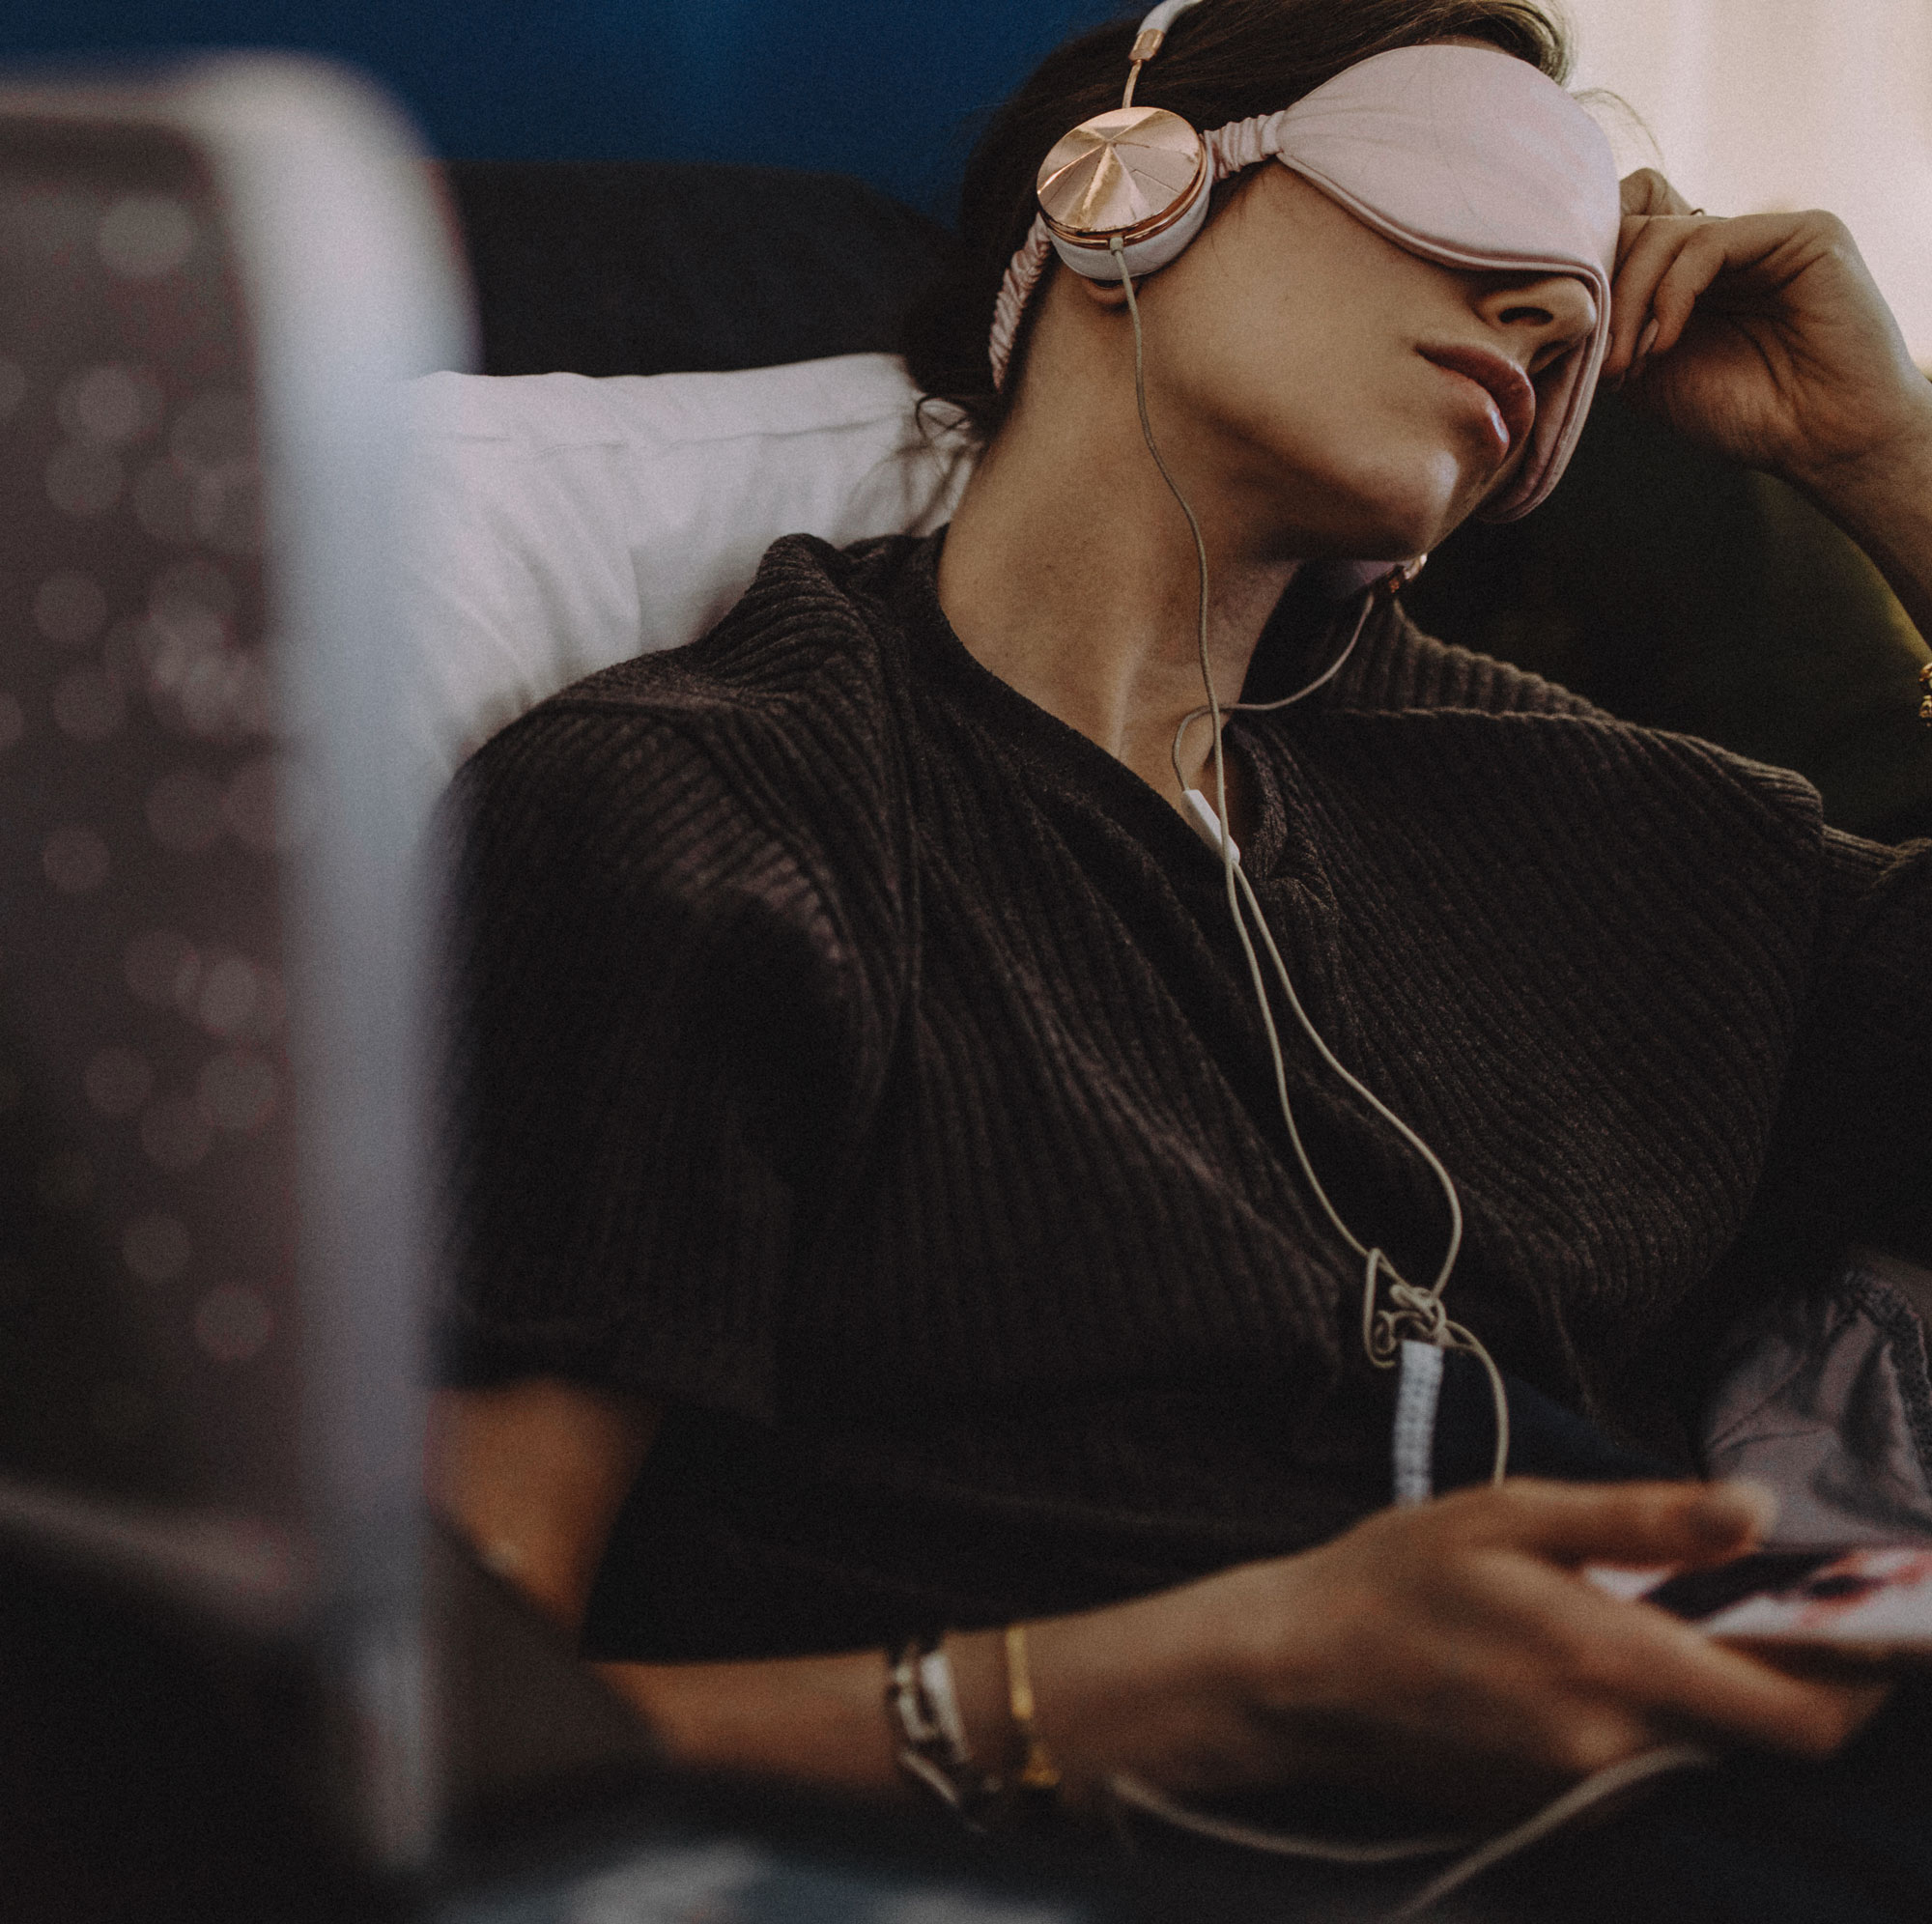 Flugzeug | Musik und Hörbücher hören | Tipps | Audible | Business Class